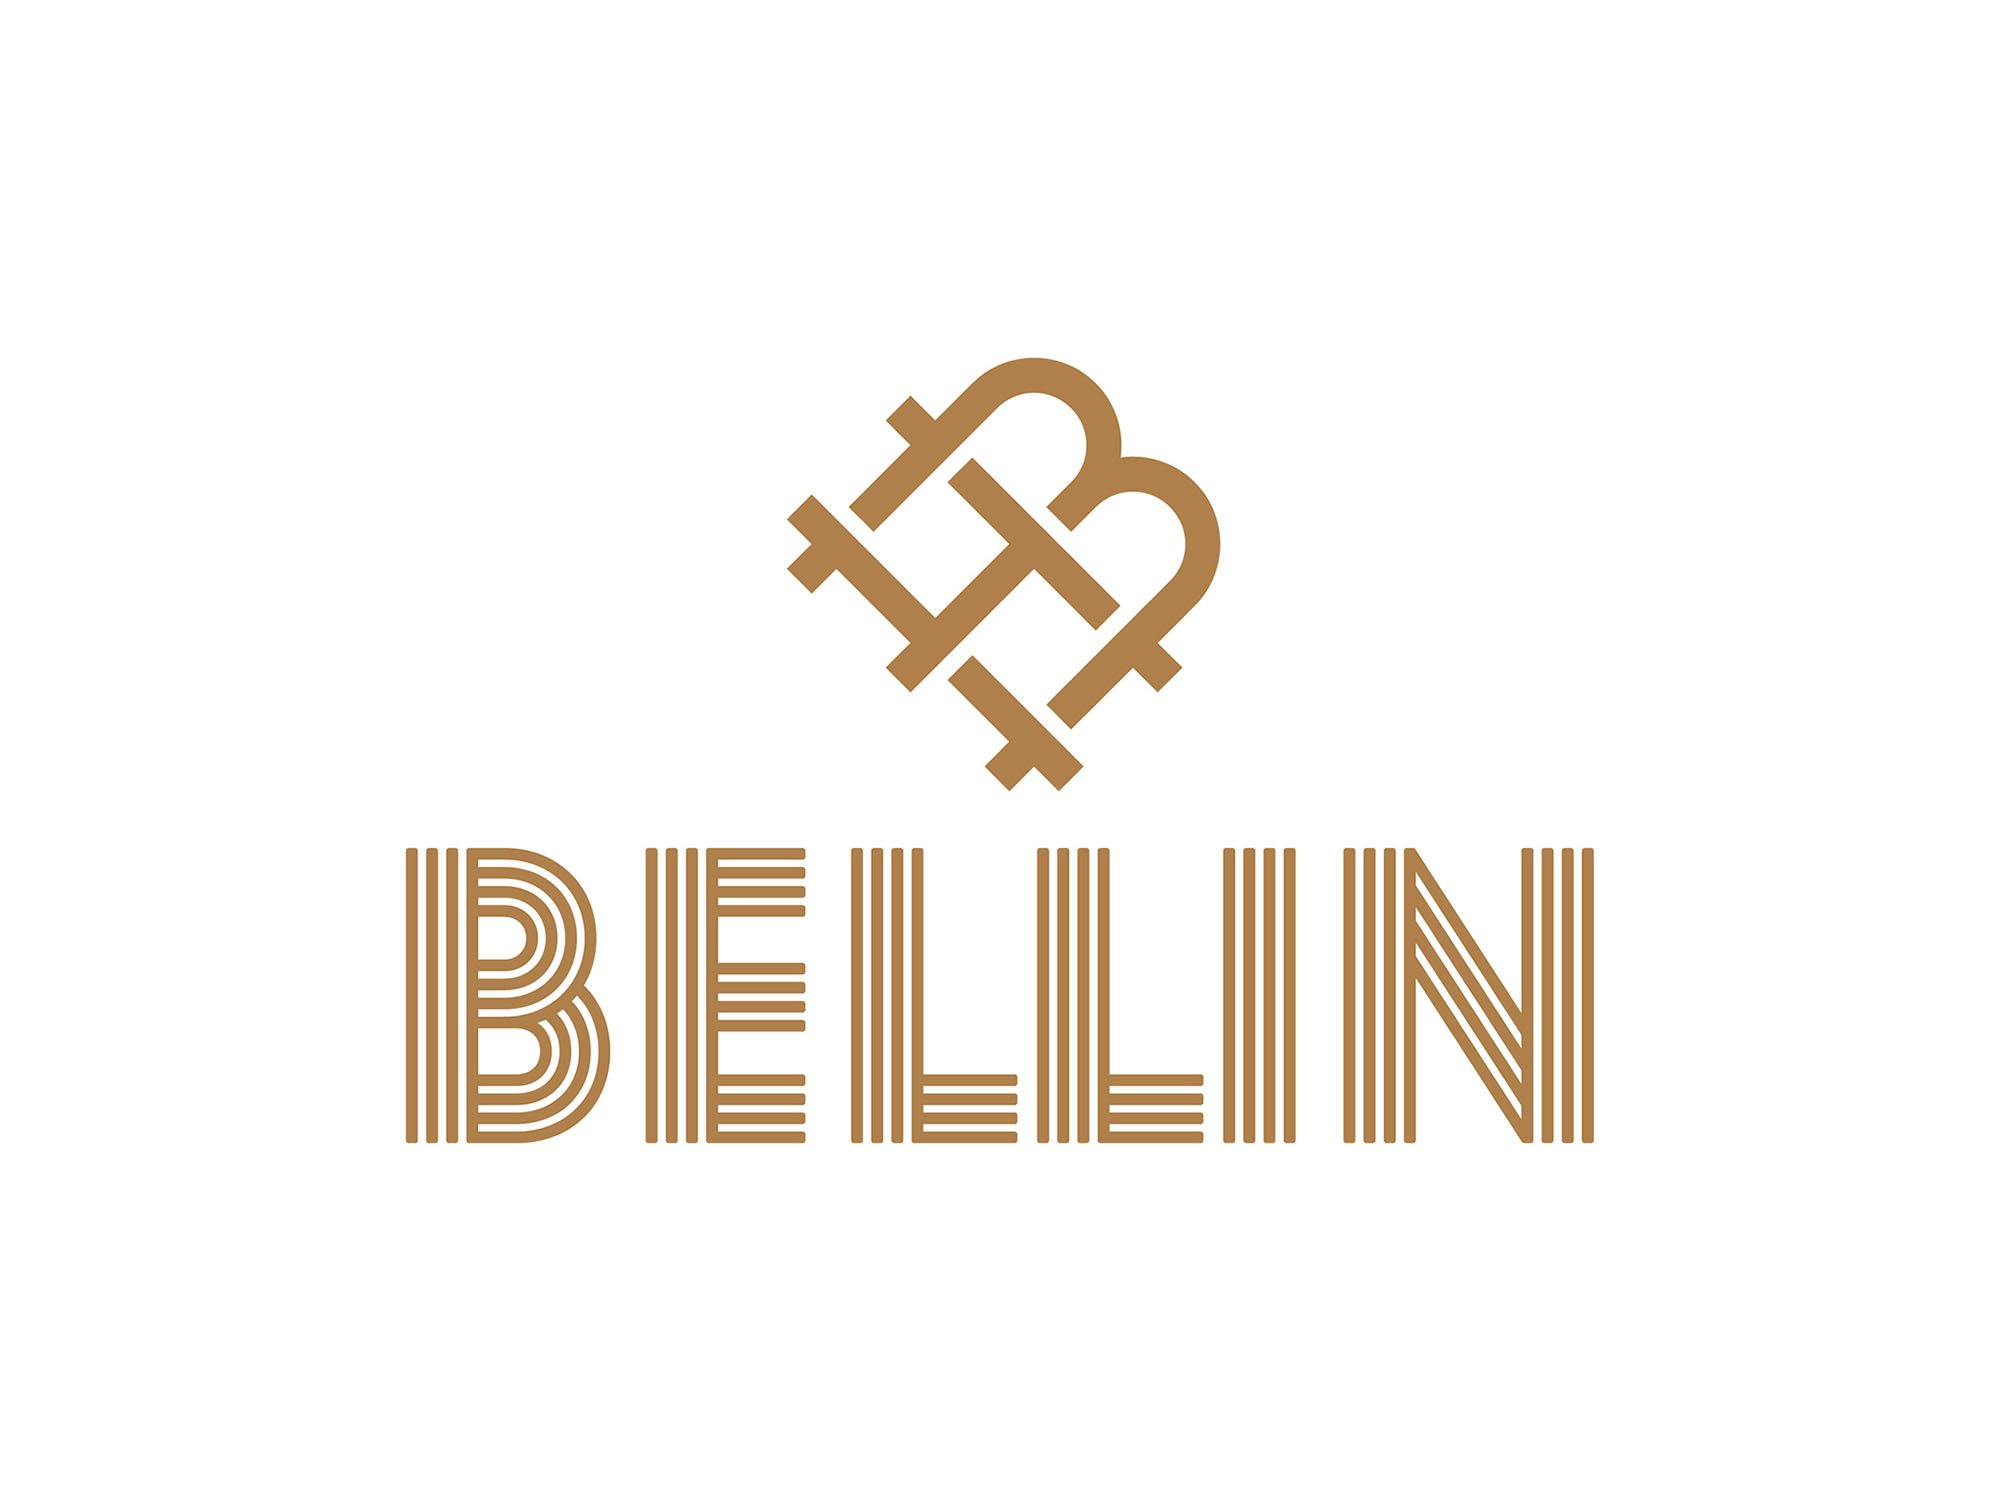 Bellin_kleding